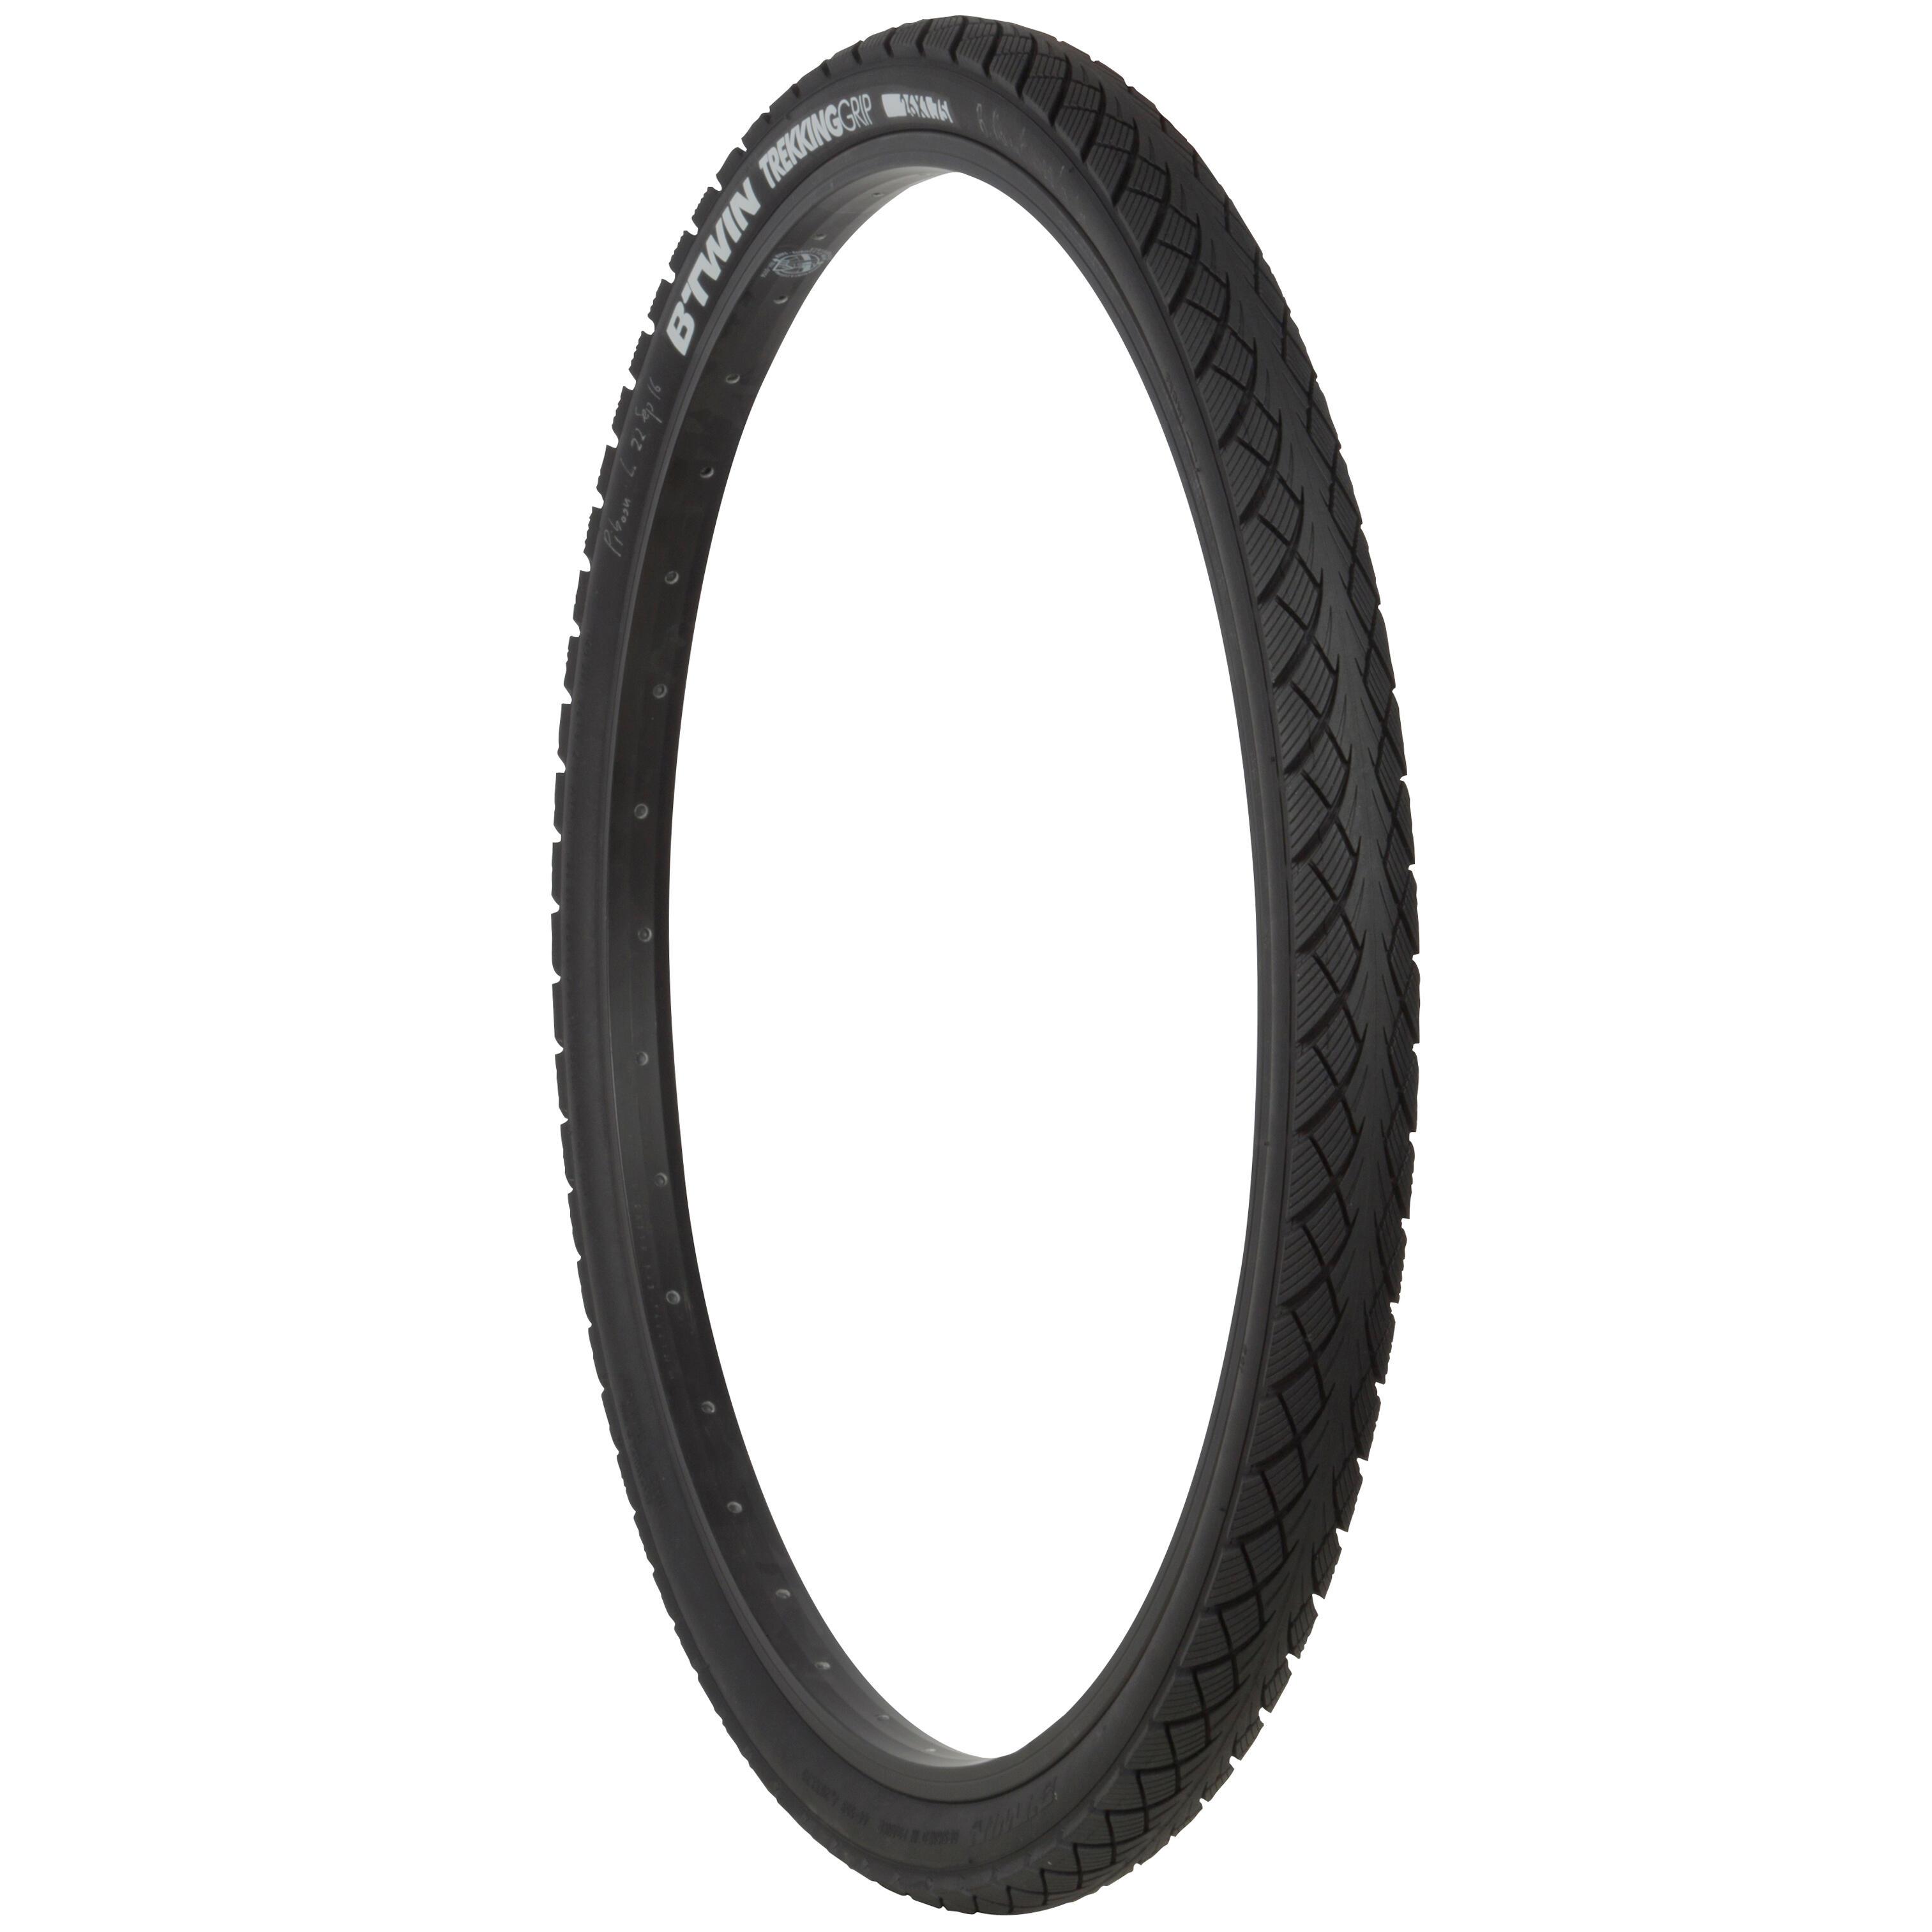 Trekking 1 Grip 26x1.75 Hybrid Tyre